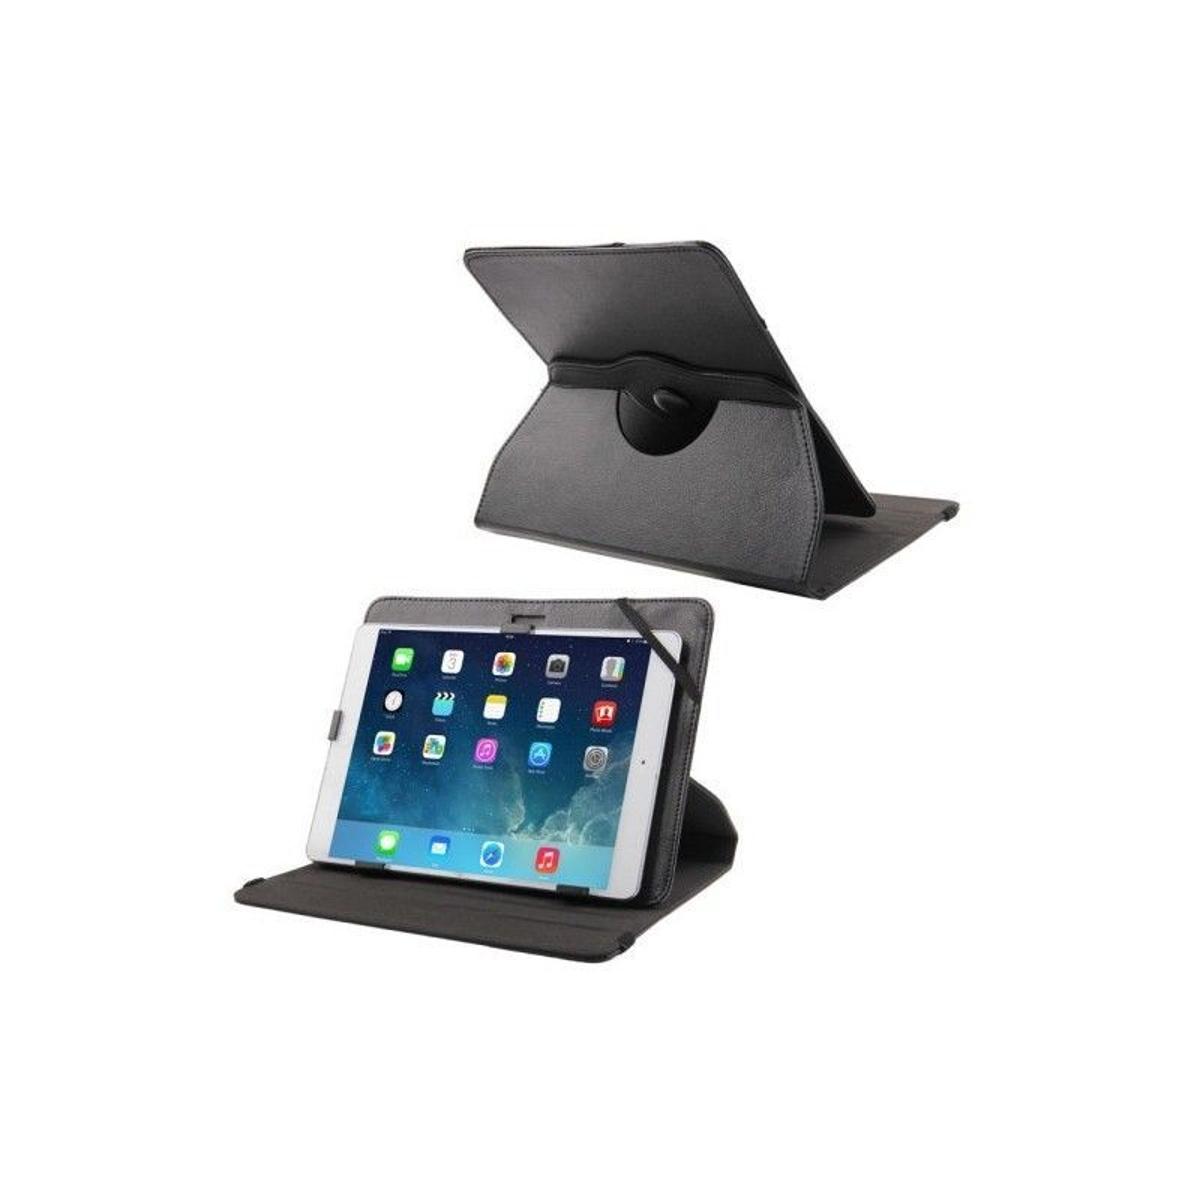 housse universelle pour tablette 10 pouces we digital we0050 coloris noir vendu par conforama 9029. Black Bedroom Furniture Sets. Home Design Ideas